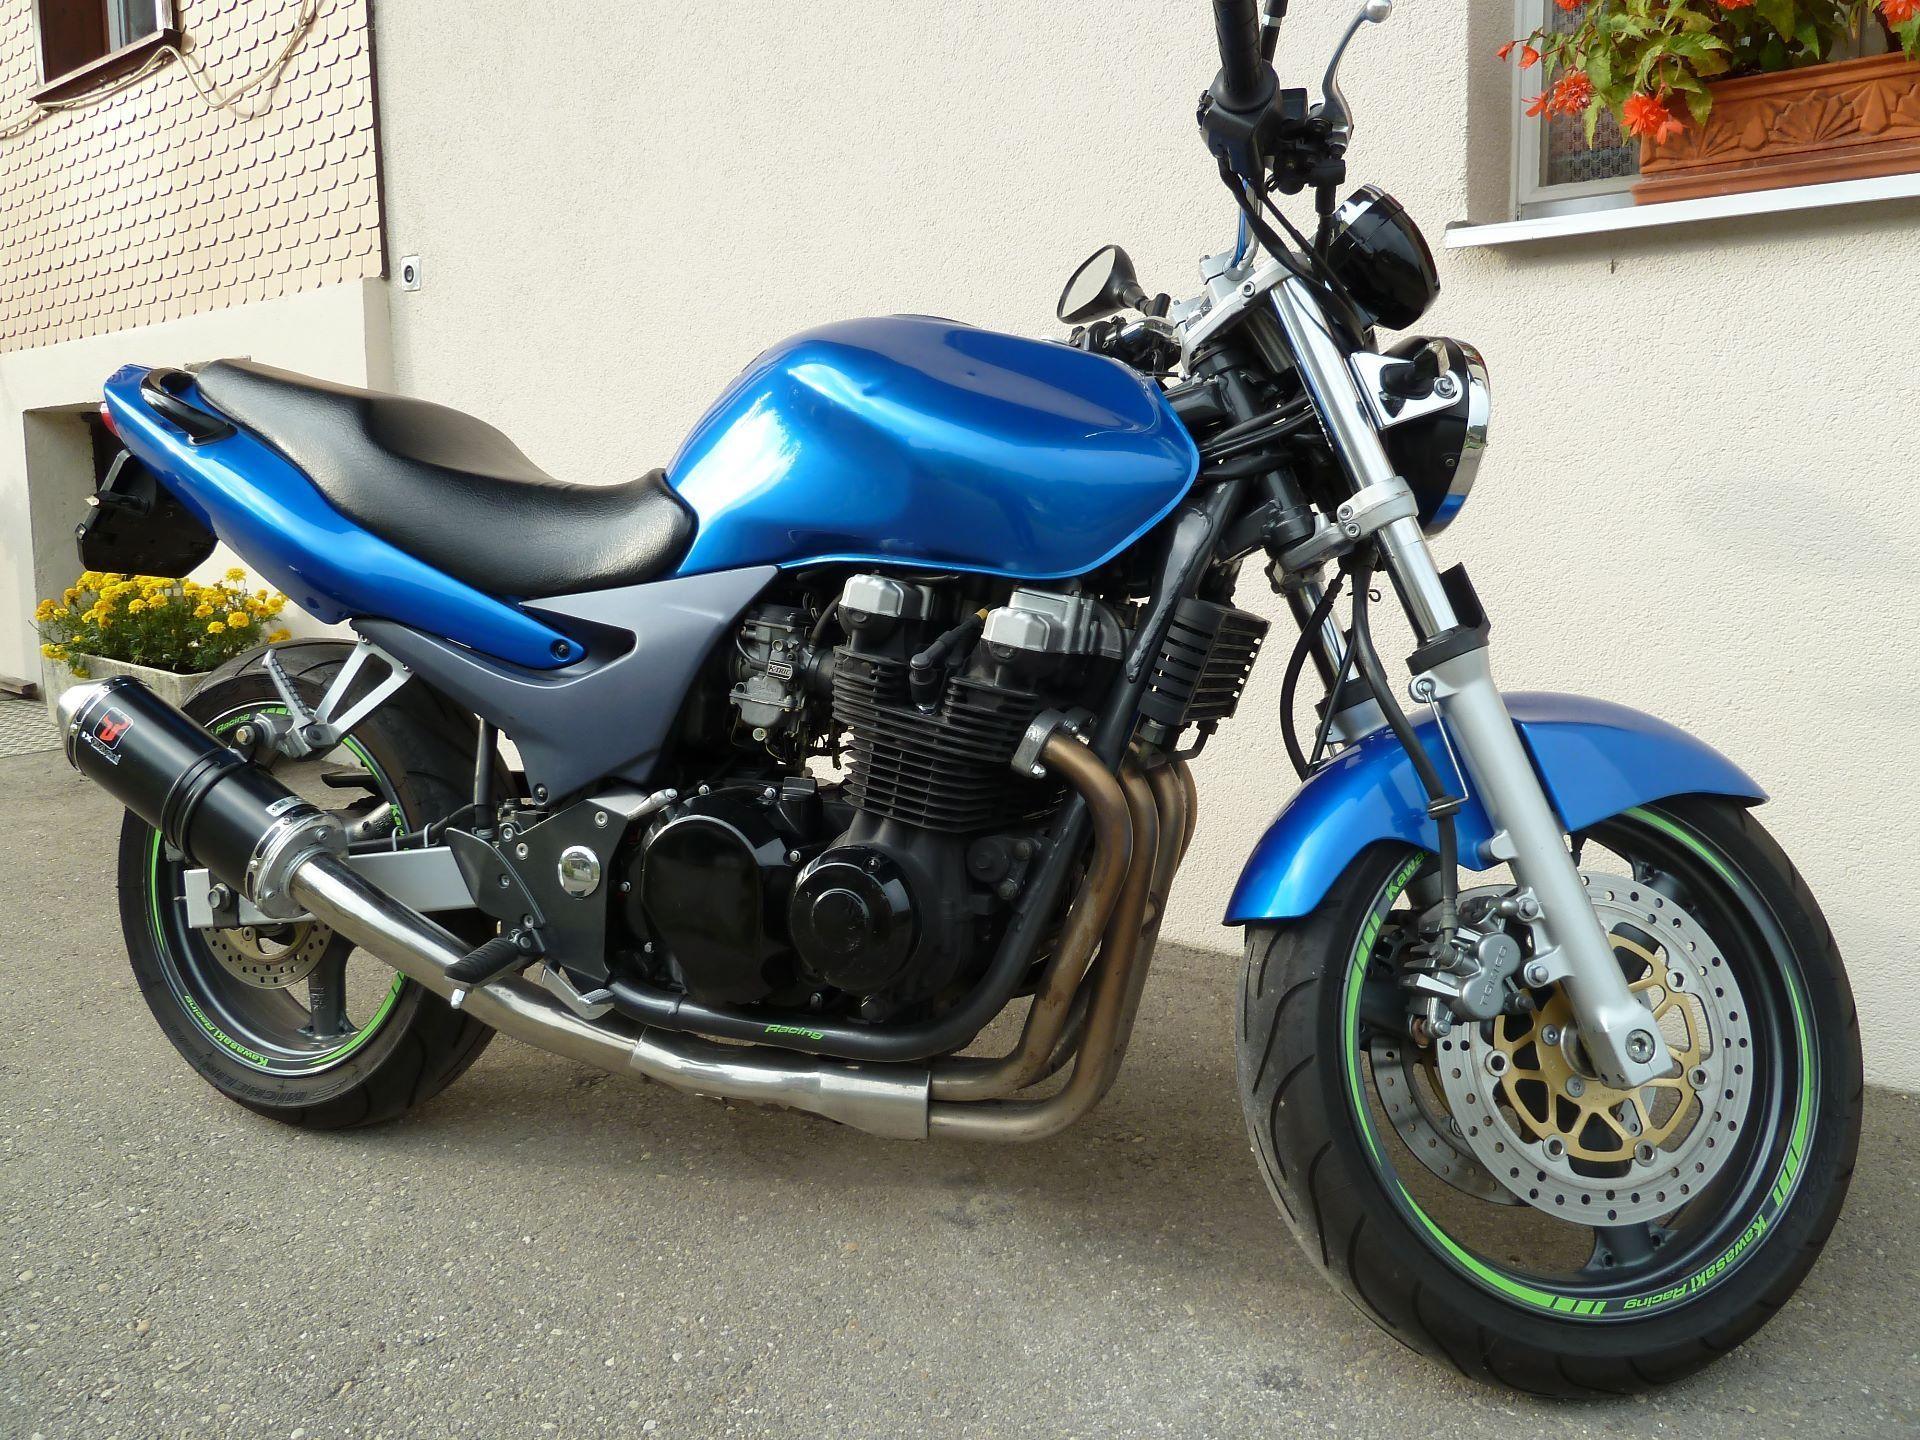 Motorrad Occasion kaufen KAWASAKI ZR-7 Brechbühl Kawasaki